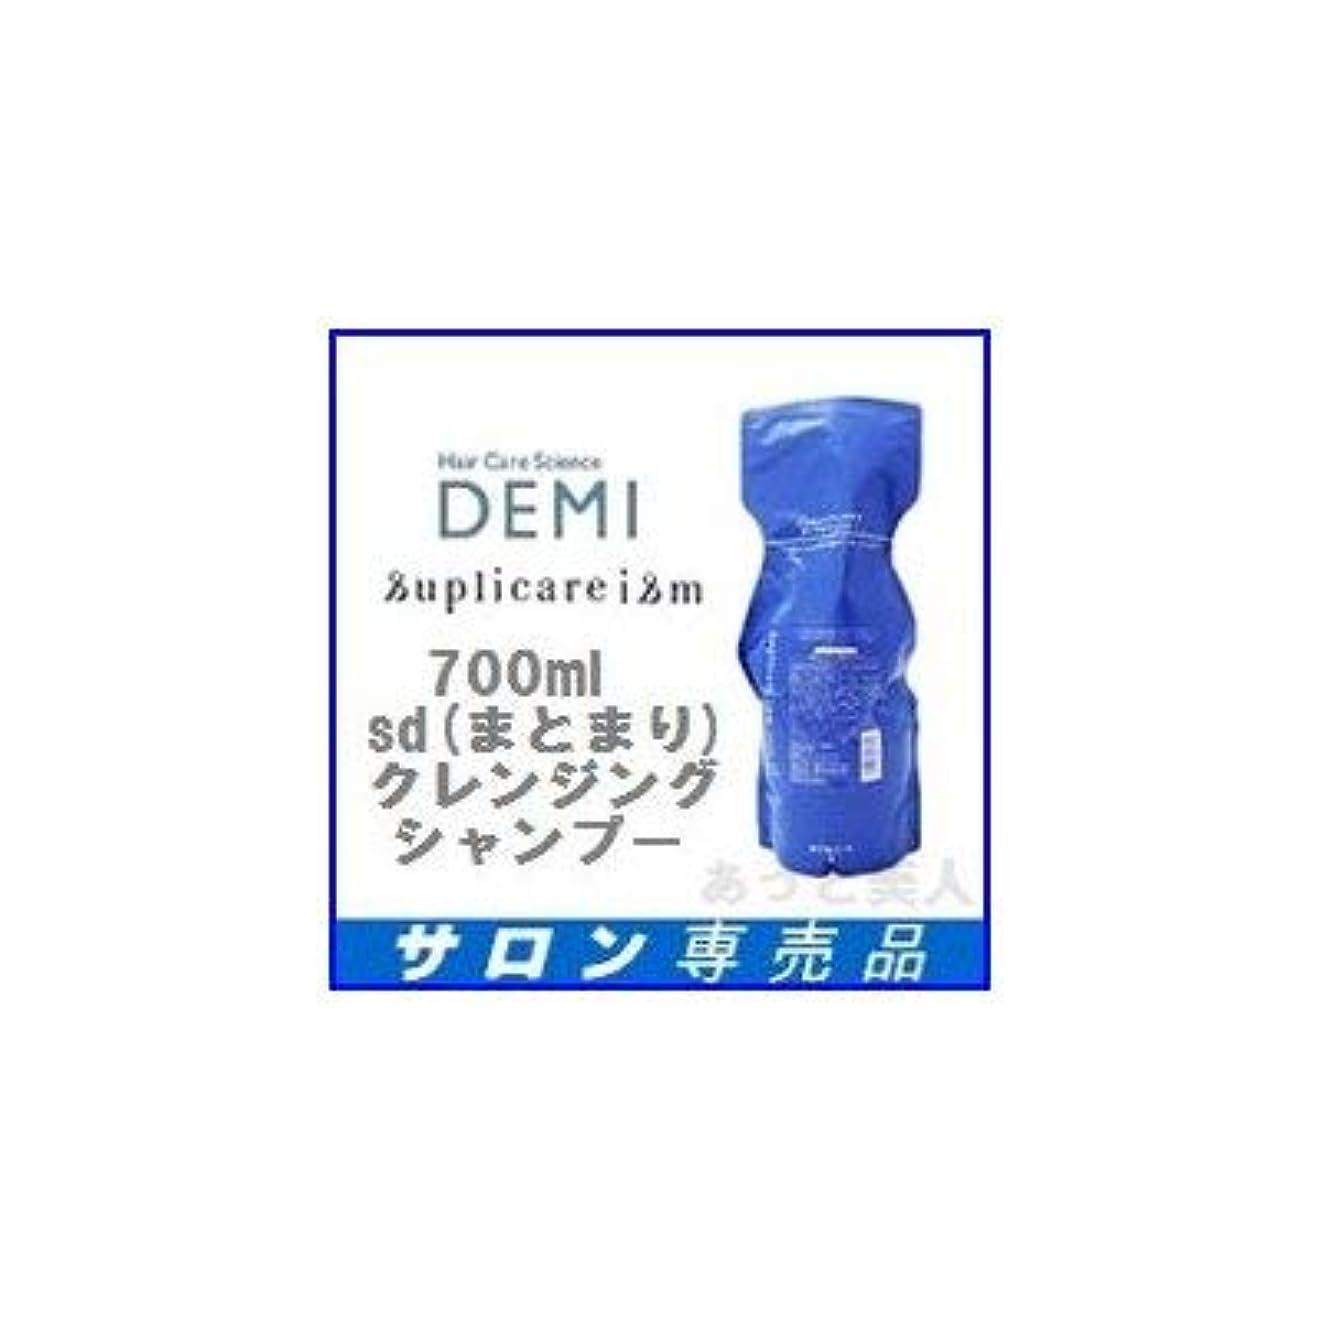 虚栄心ボリューム腹痛デミ サプリケアイズム クレンジング sd シャンプー 700ml (しっとり?まとまりタイプ)